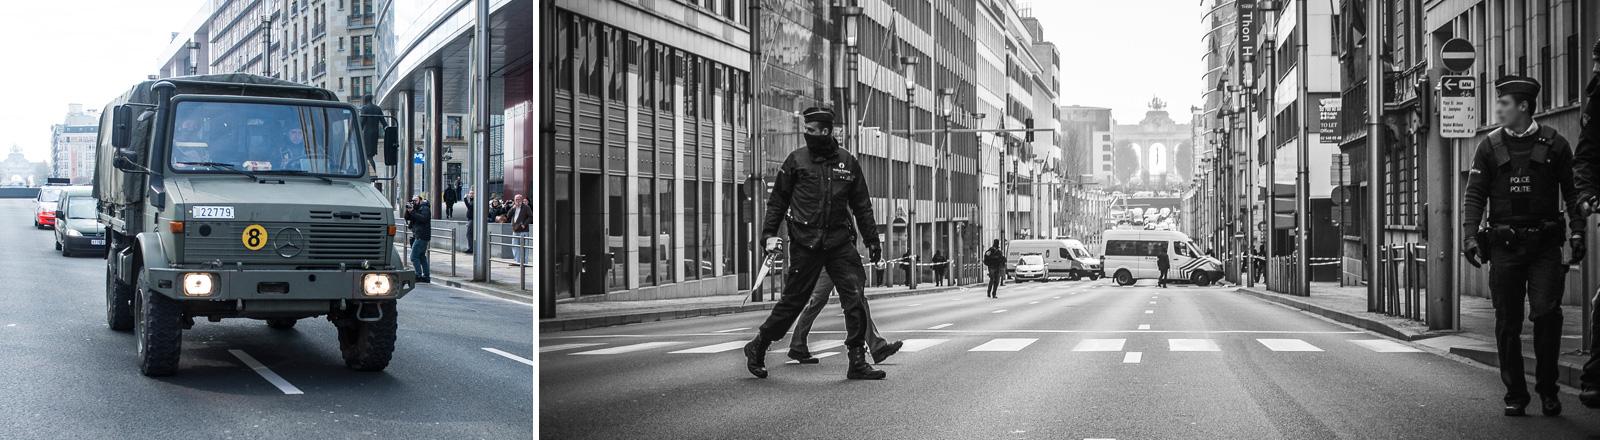 Die Polizei sichert die Rue de la Loi in Brüssel nachdem in der naheliegenden U-Bahn-Station Maelbeek eine Bombe explodiert ist.